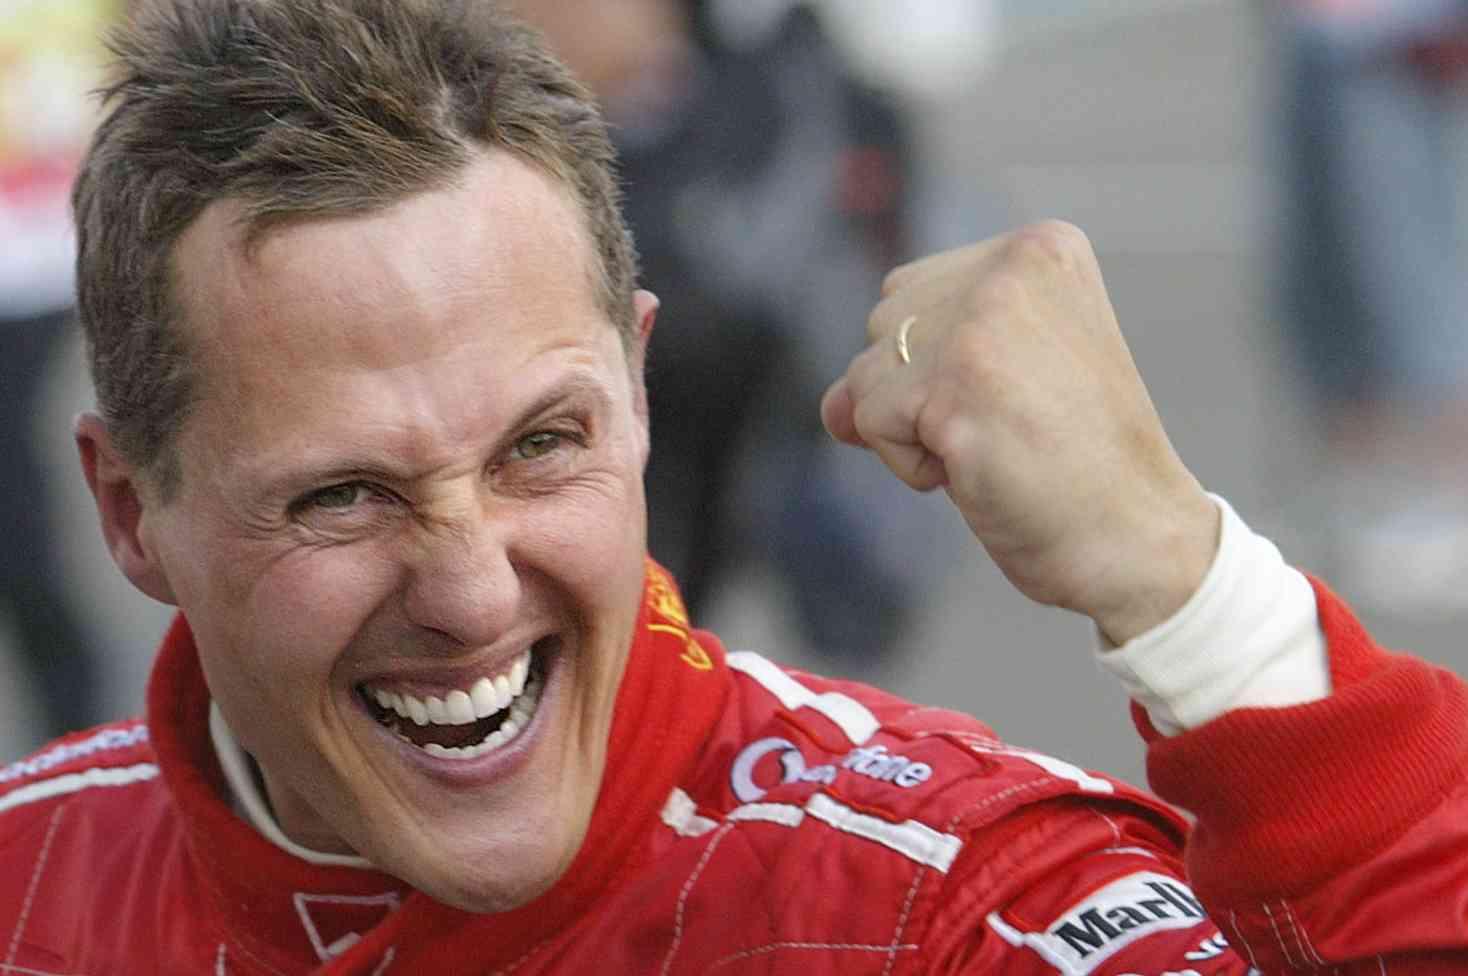 Michael Schumacher deja atrás la grave neumonía que le complicaba más la vida